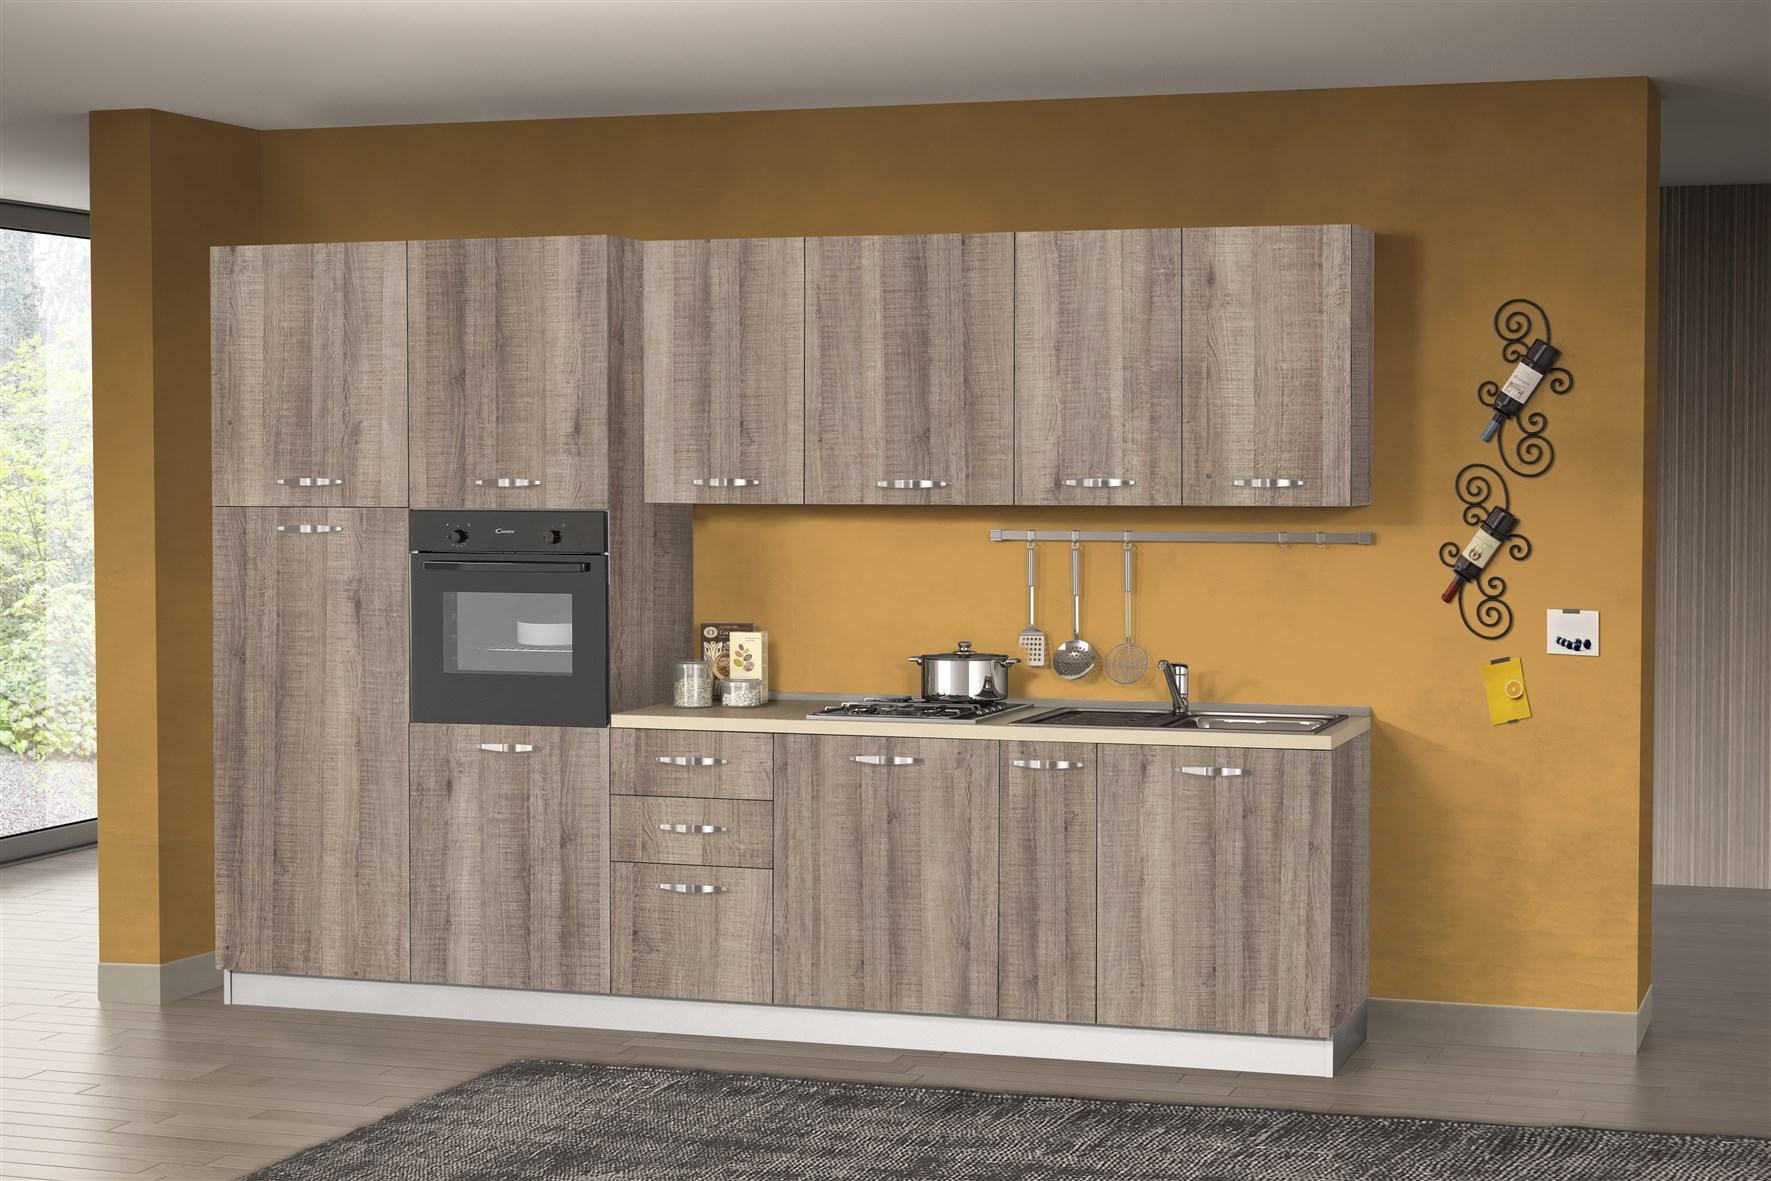 Cucina Nettuno con lavastoviglie | Arredamenti Di Lorenzo Napoli